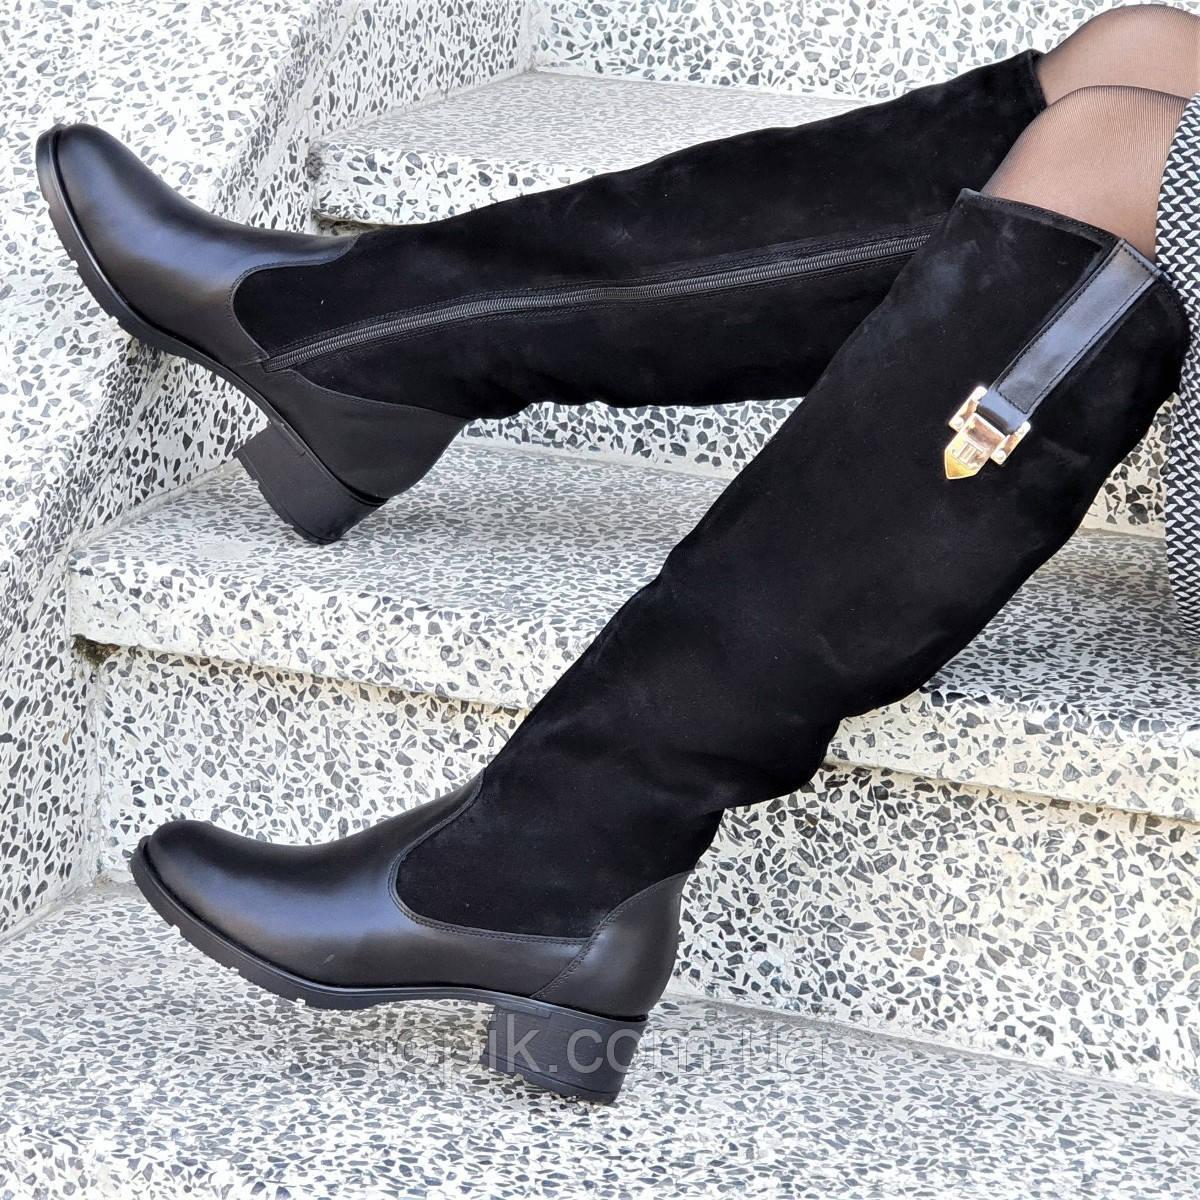 d6367fd6a Женские зимние сапоги натуральная кожа, замша черные байка удобные стильные  (Код: 1250а)